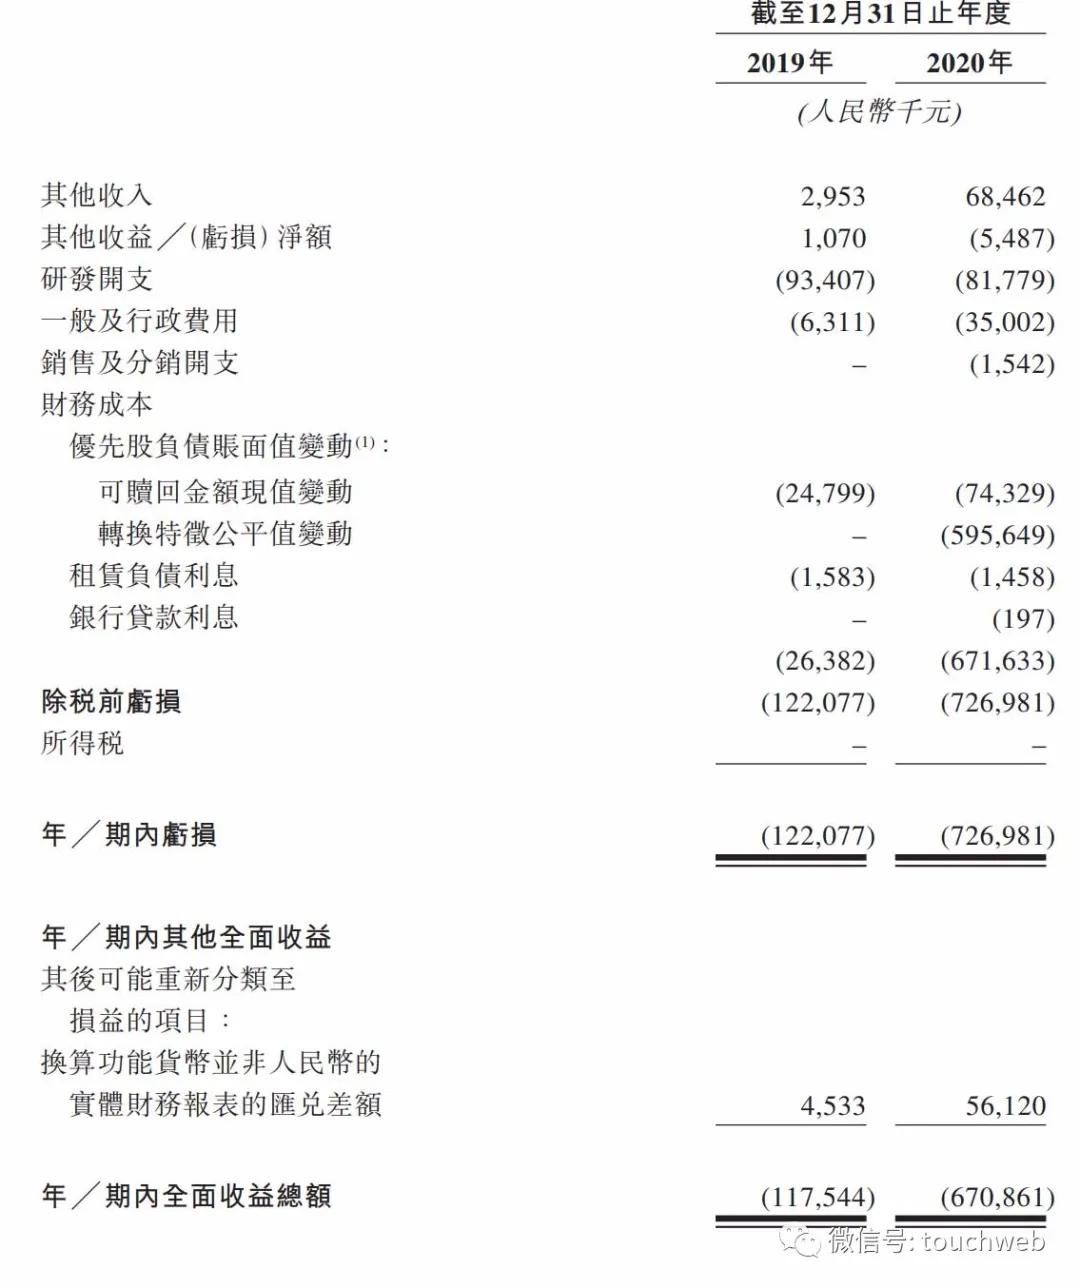 兆科眼科通过聆讯:年亏7亿 高瓴TPG爱尔眼科是股东